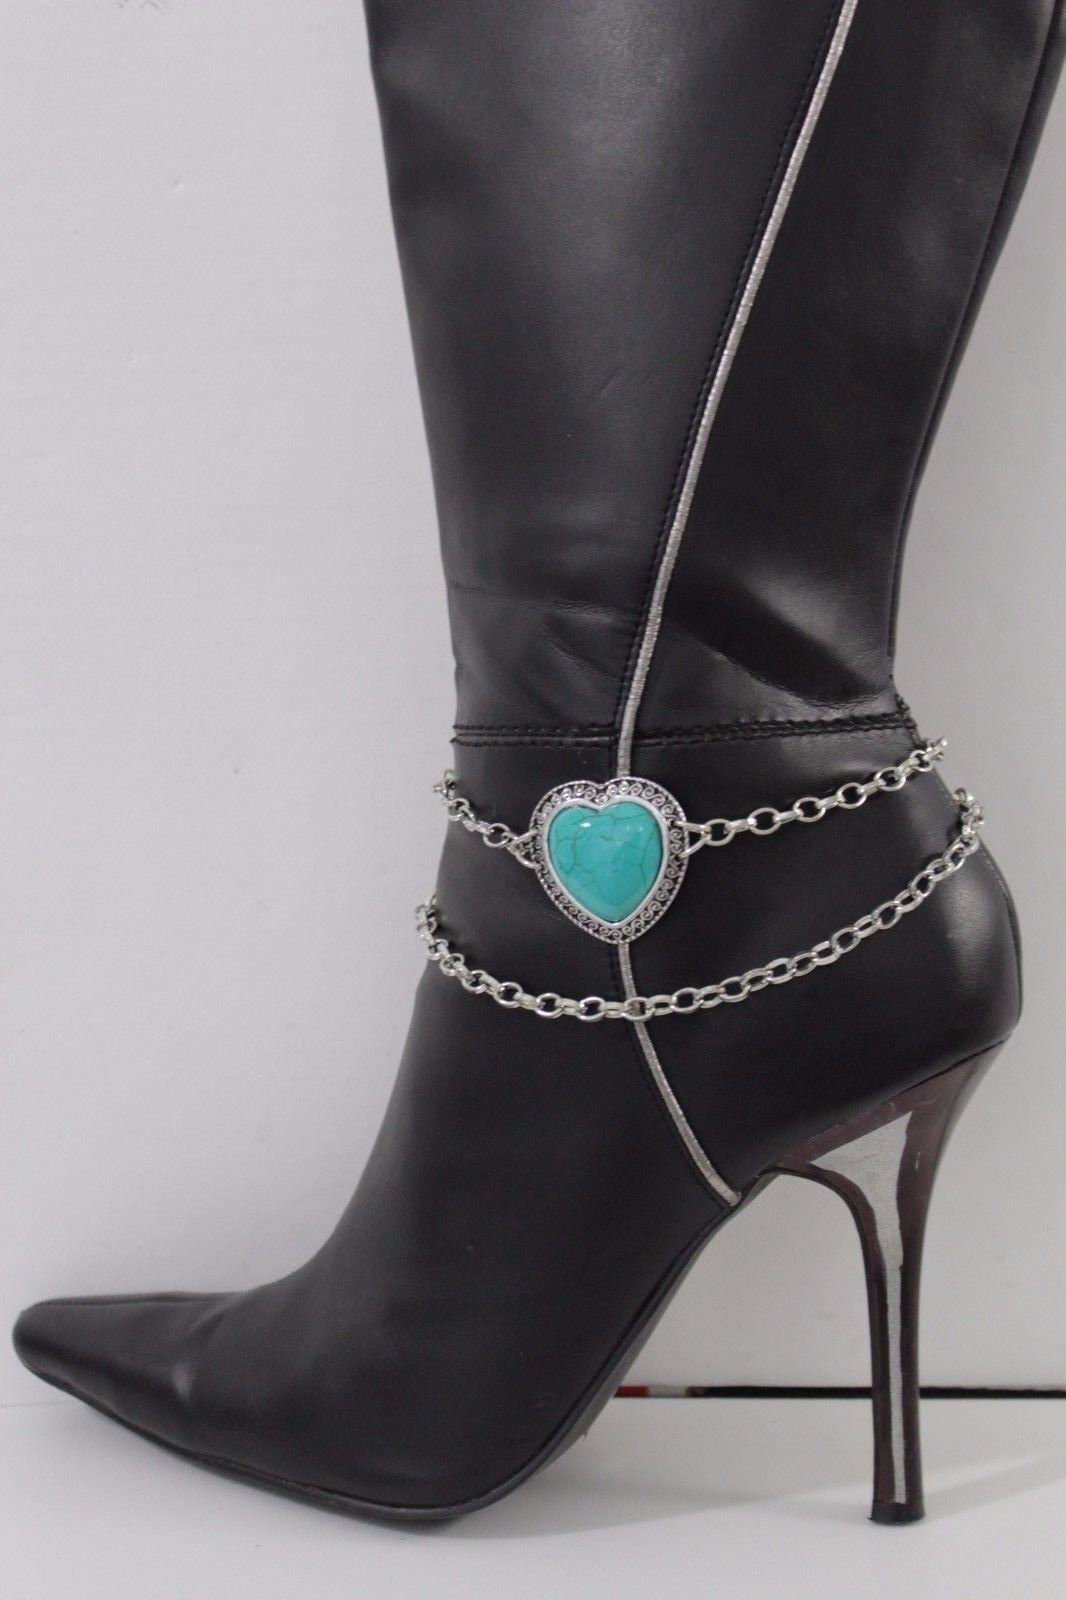 Women Silver Chain Boot Bracelet Anklet Heel Shoe Blue Heart Charm Bling Jewelry